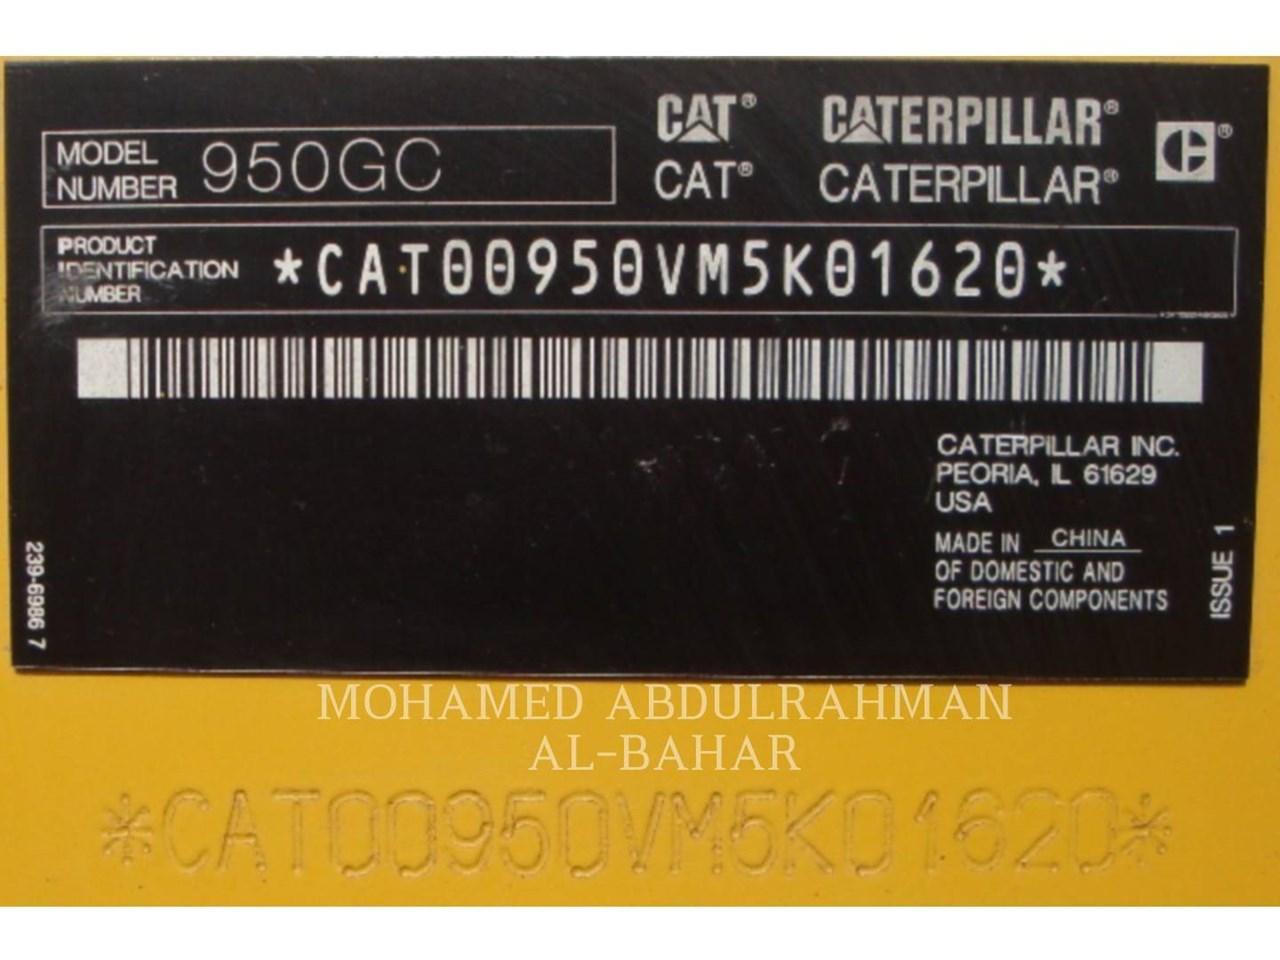 2018 Caterpillar 950GC Image 14